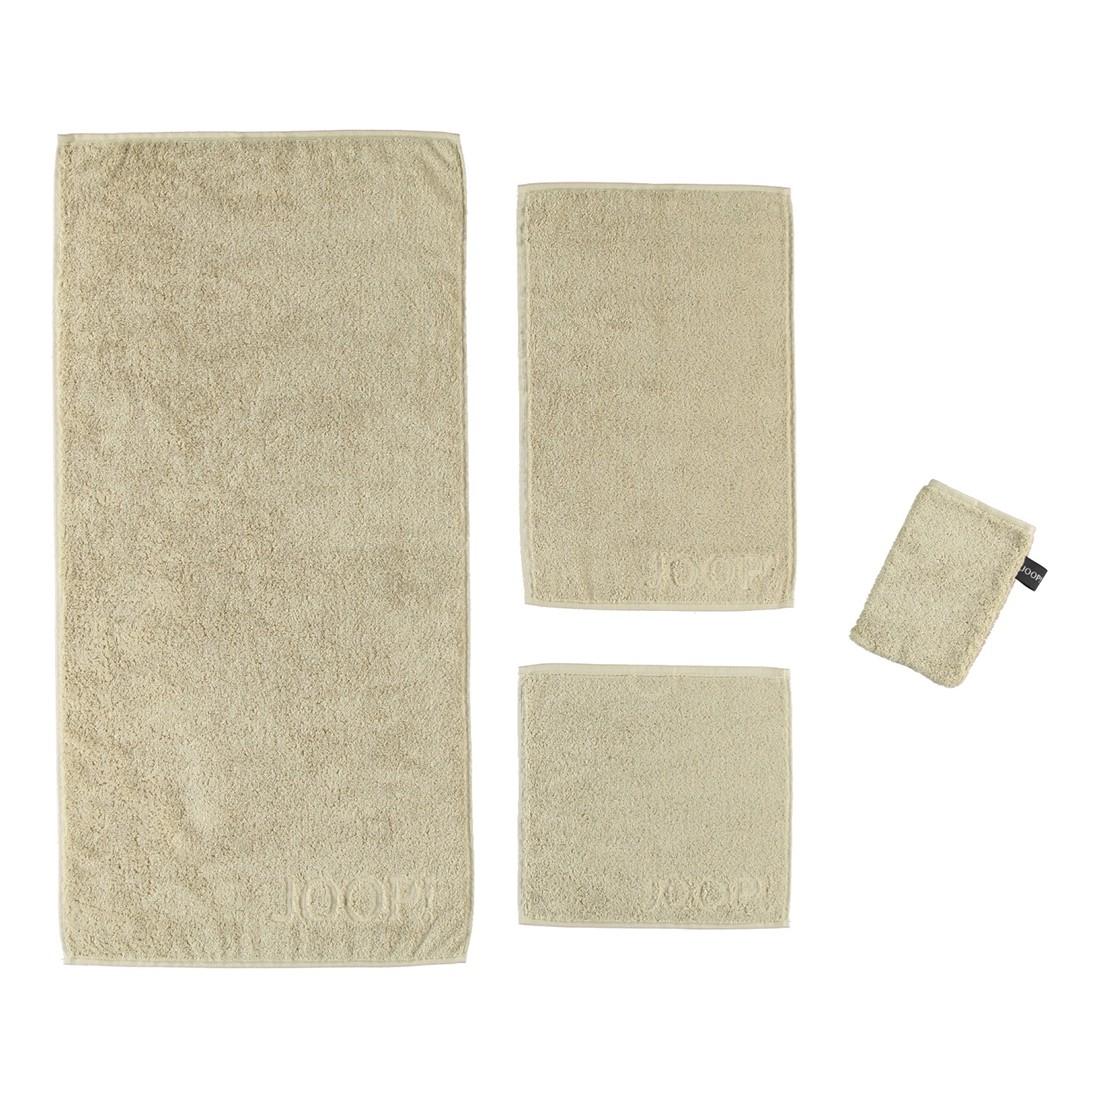 Handtuch Basic – 100% Baumwolle Sand – 380 – Gästetuch: 30 x 50 cm, Joop kaufen